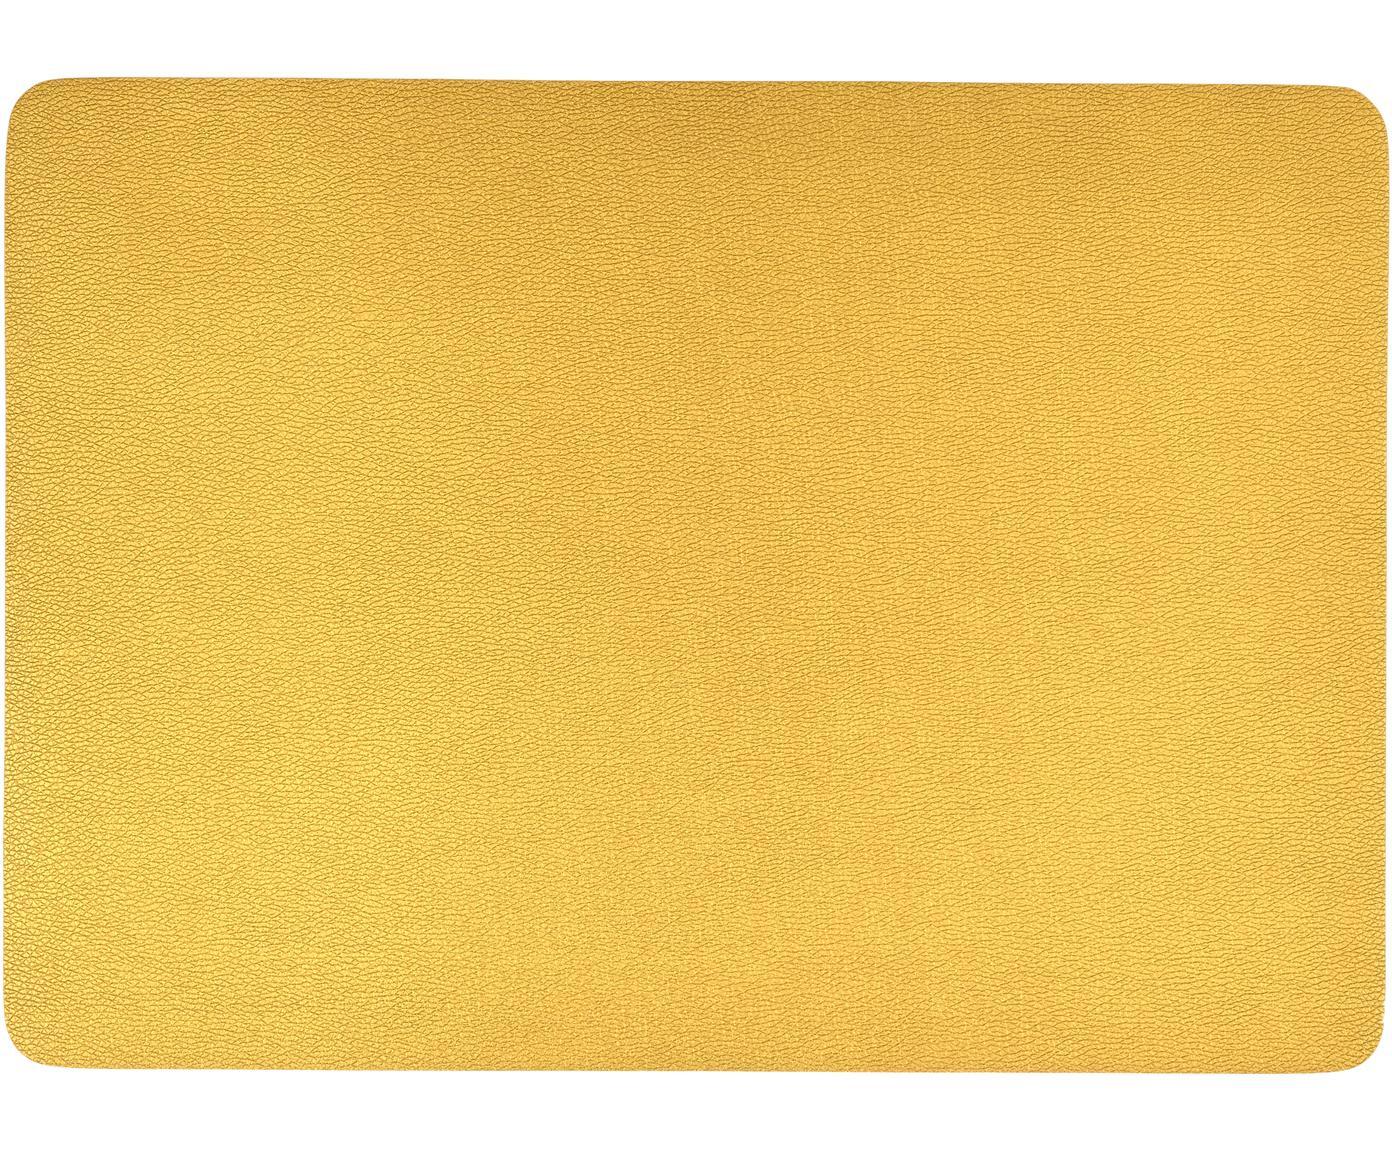 Podkładka ze sztucznej skóry Pik, 2 szt., Tworzywo sztuczne (PVC), Odcienie złotego, S 33 x D 46 cm